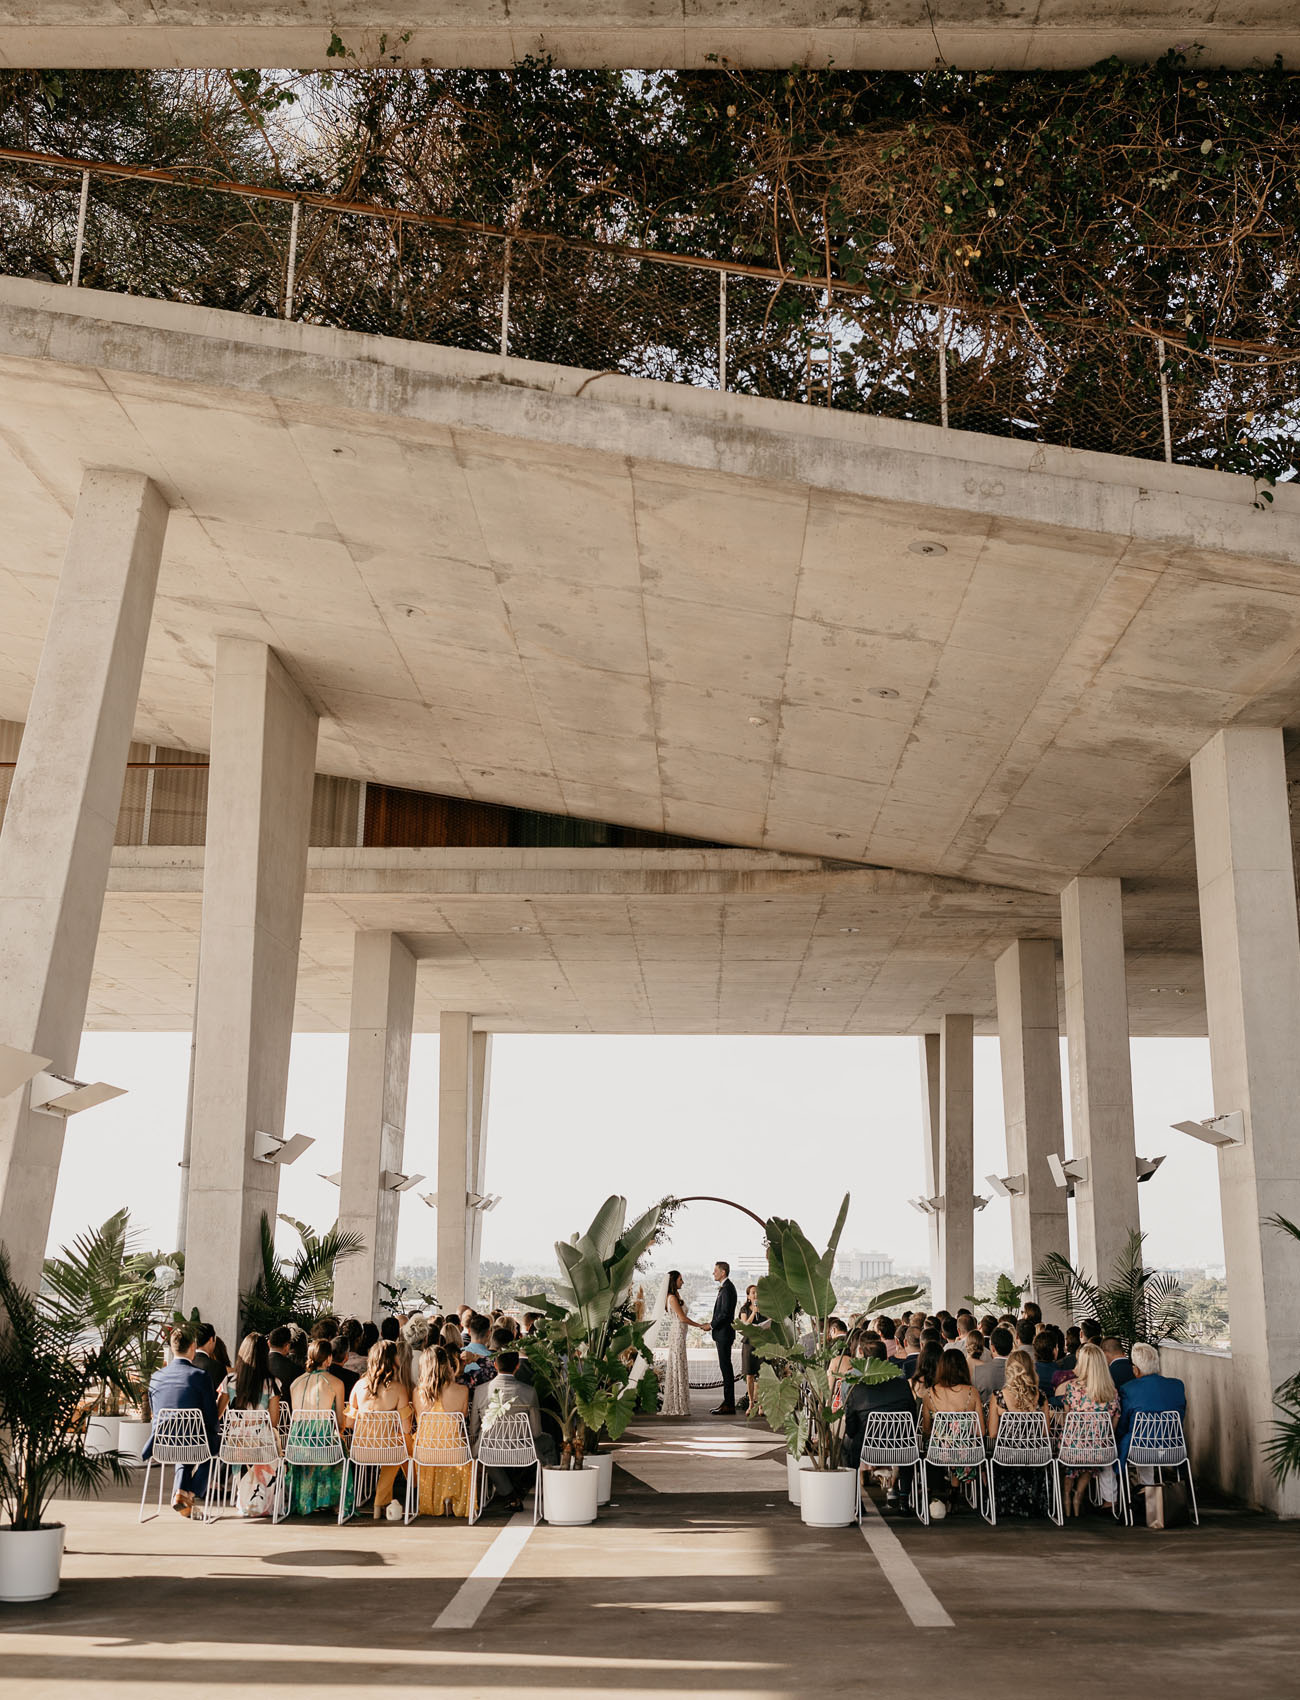 Modern Wedding in a Parking Garage